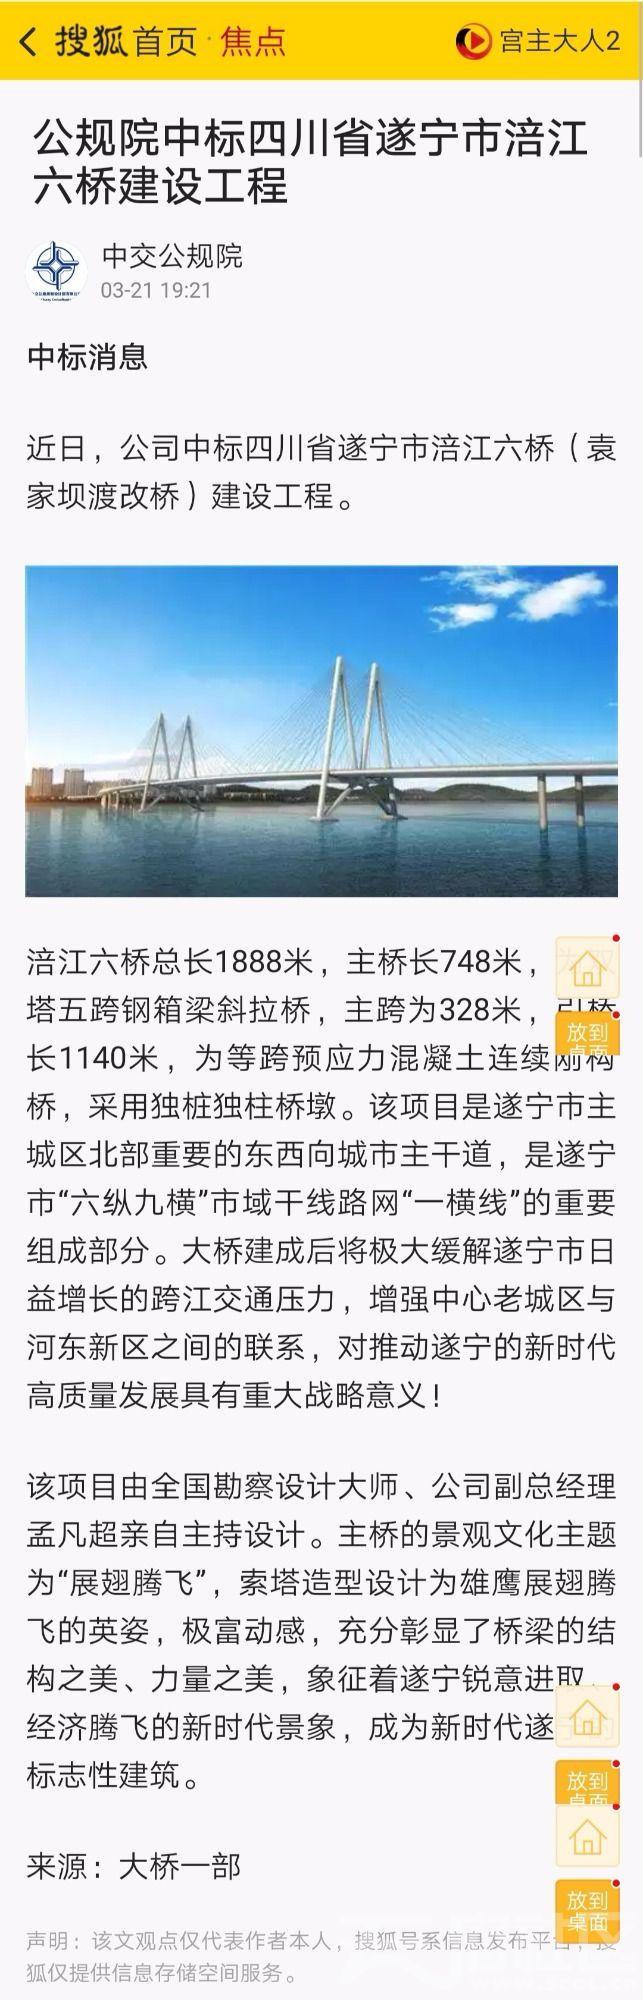 Screenshot_20190419_094746.jpg